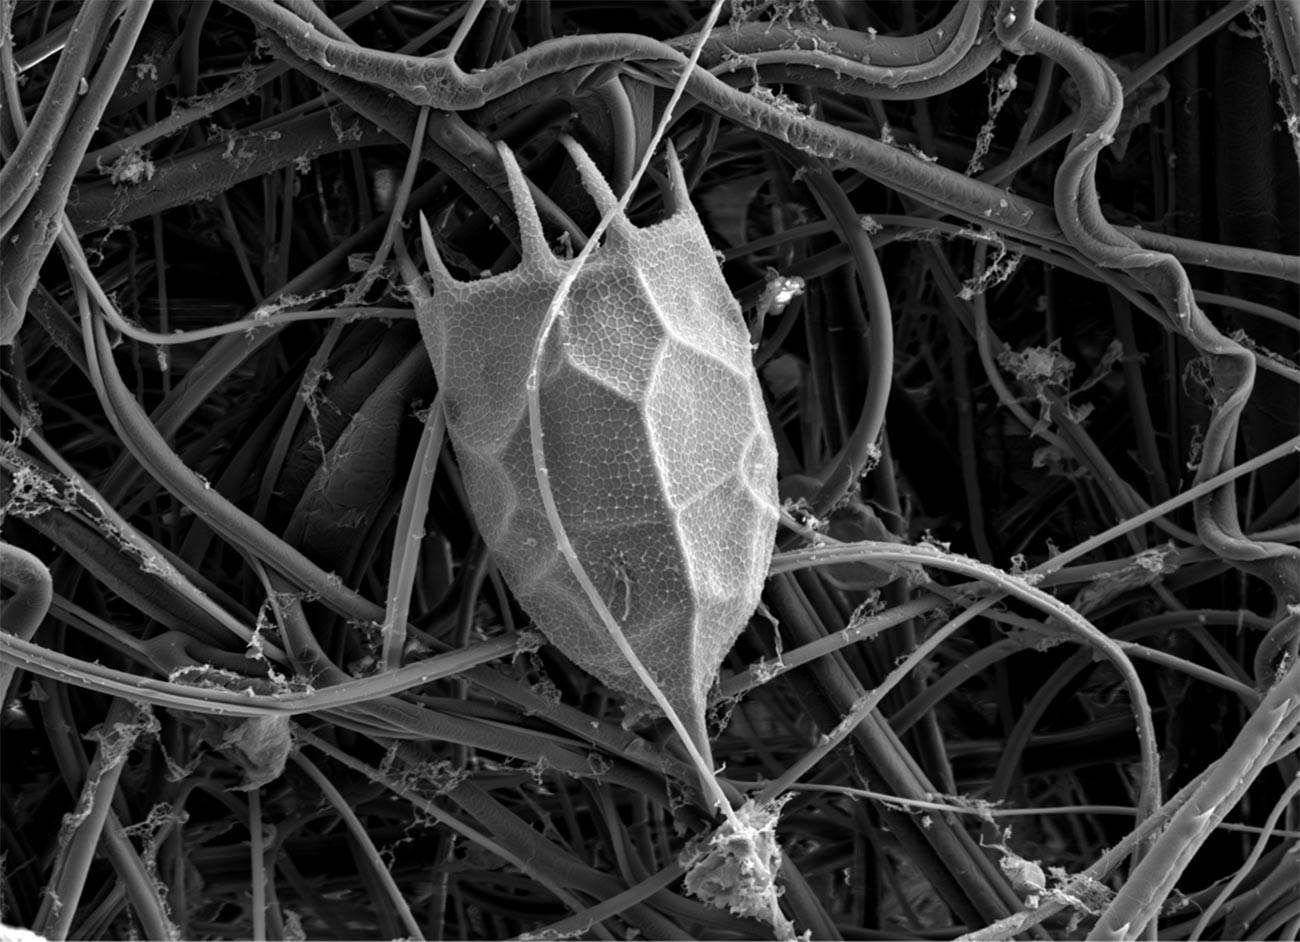 Bagian locula rotifera Keratella cochlearis, pemindaian gambar dengan mikroskop elektron.